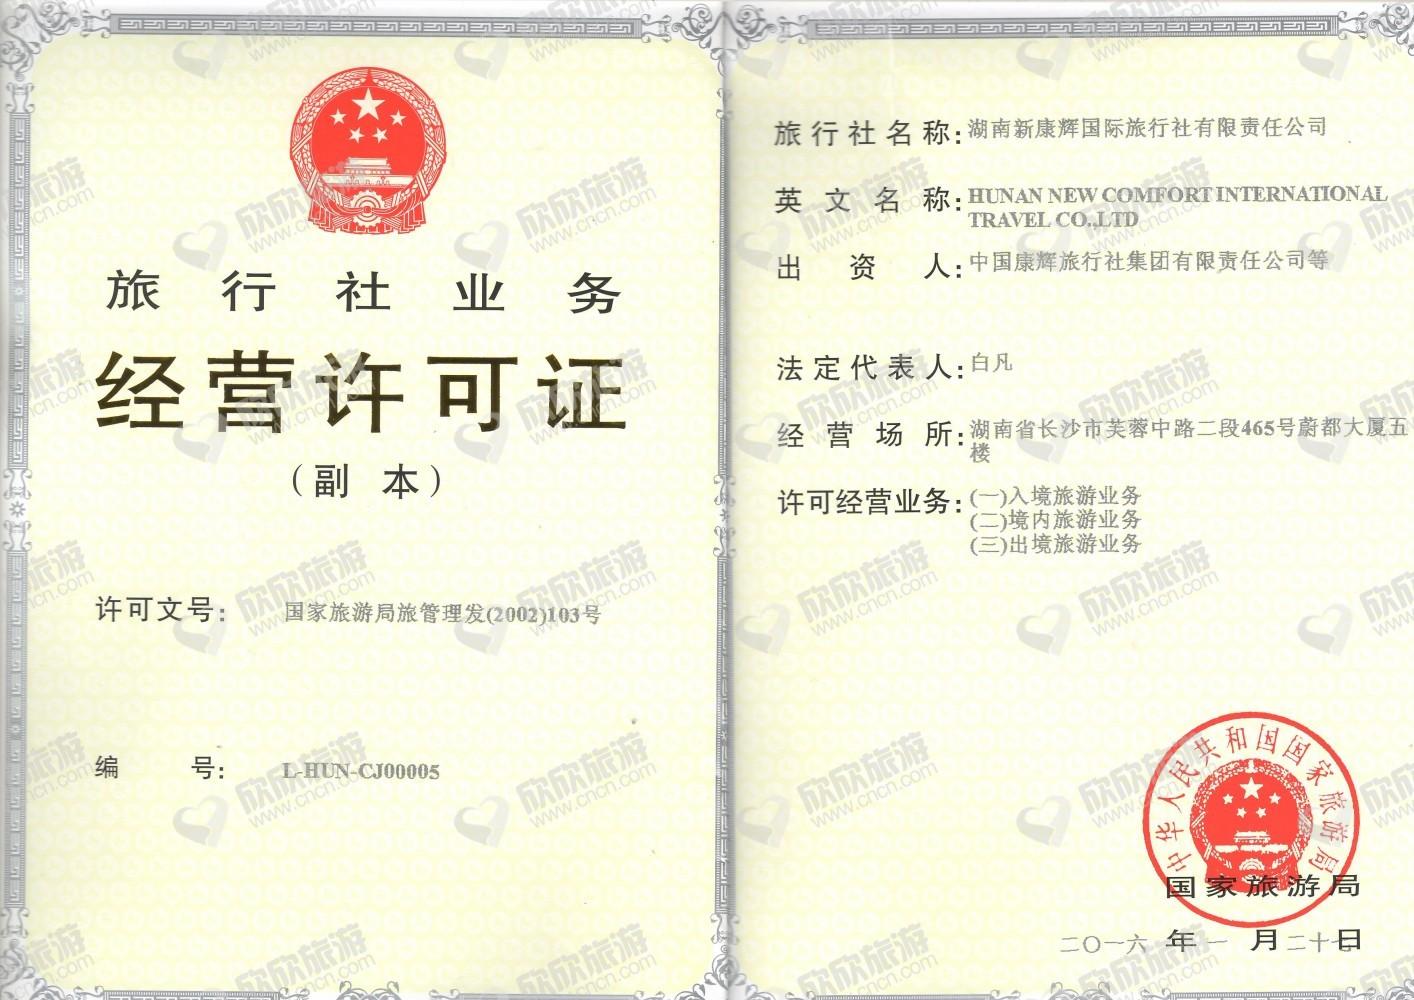 湖南新康辉国际旅行社有限责任公司经营许可证